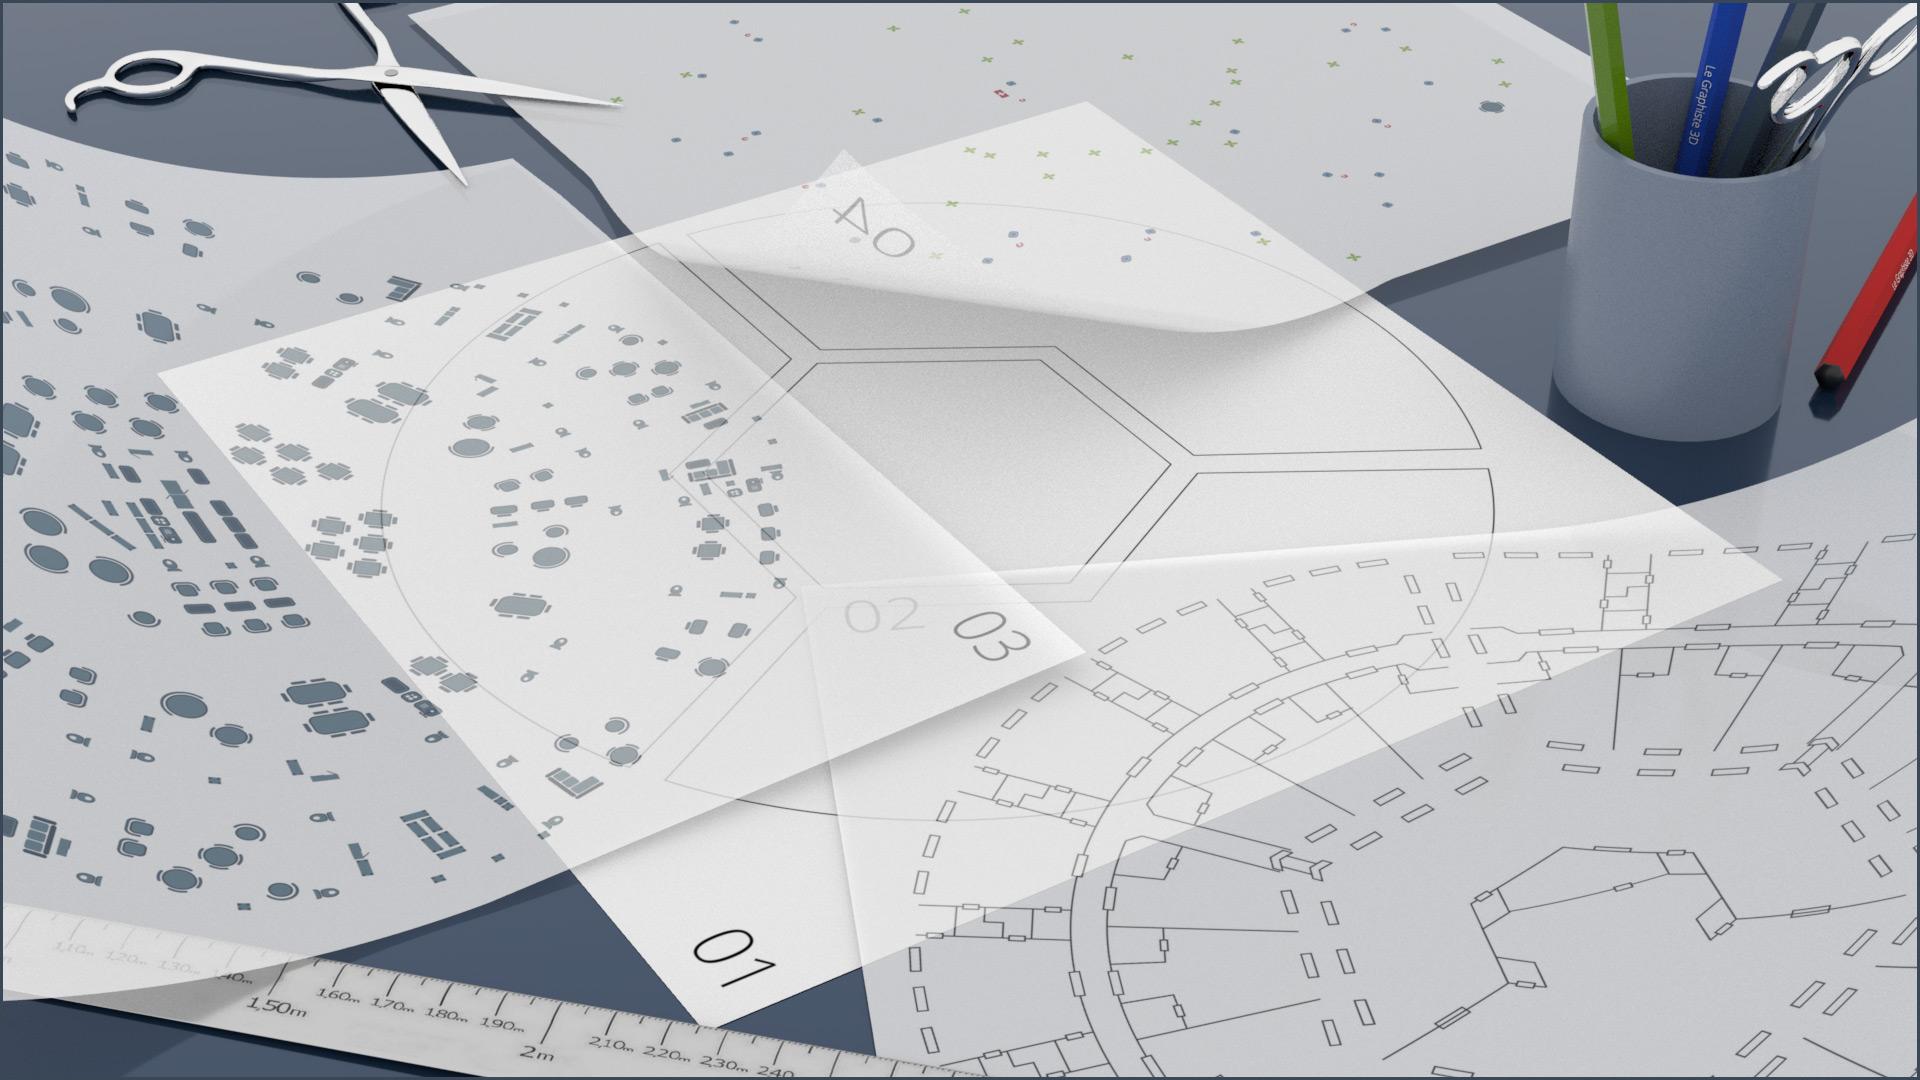 Méthode - étape par étape - Le Graphiste 3D